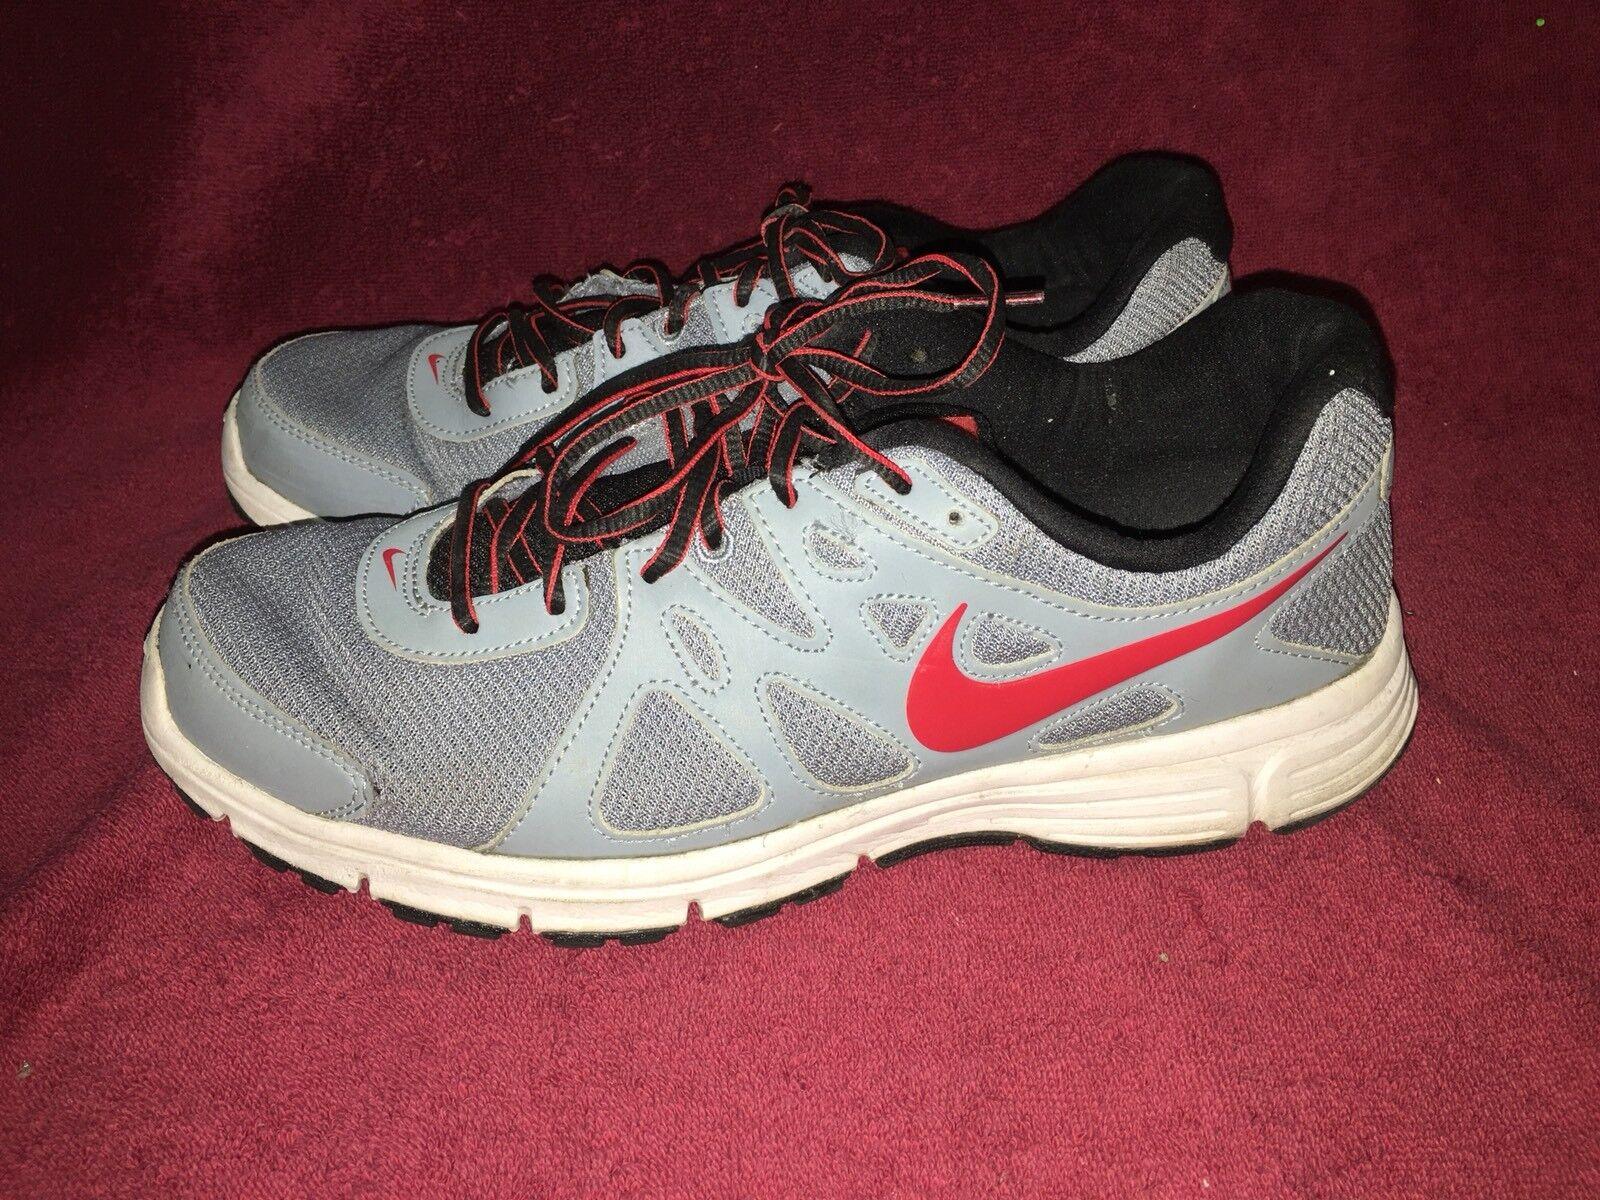 Nike Nike Nike rivoluzione 2 uomini scarpe taglia 11 554953-039   Materiali Accuratamente Selezionati  278b07